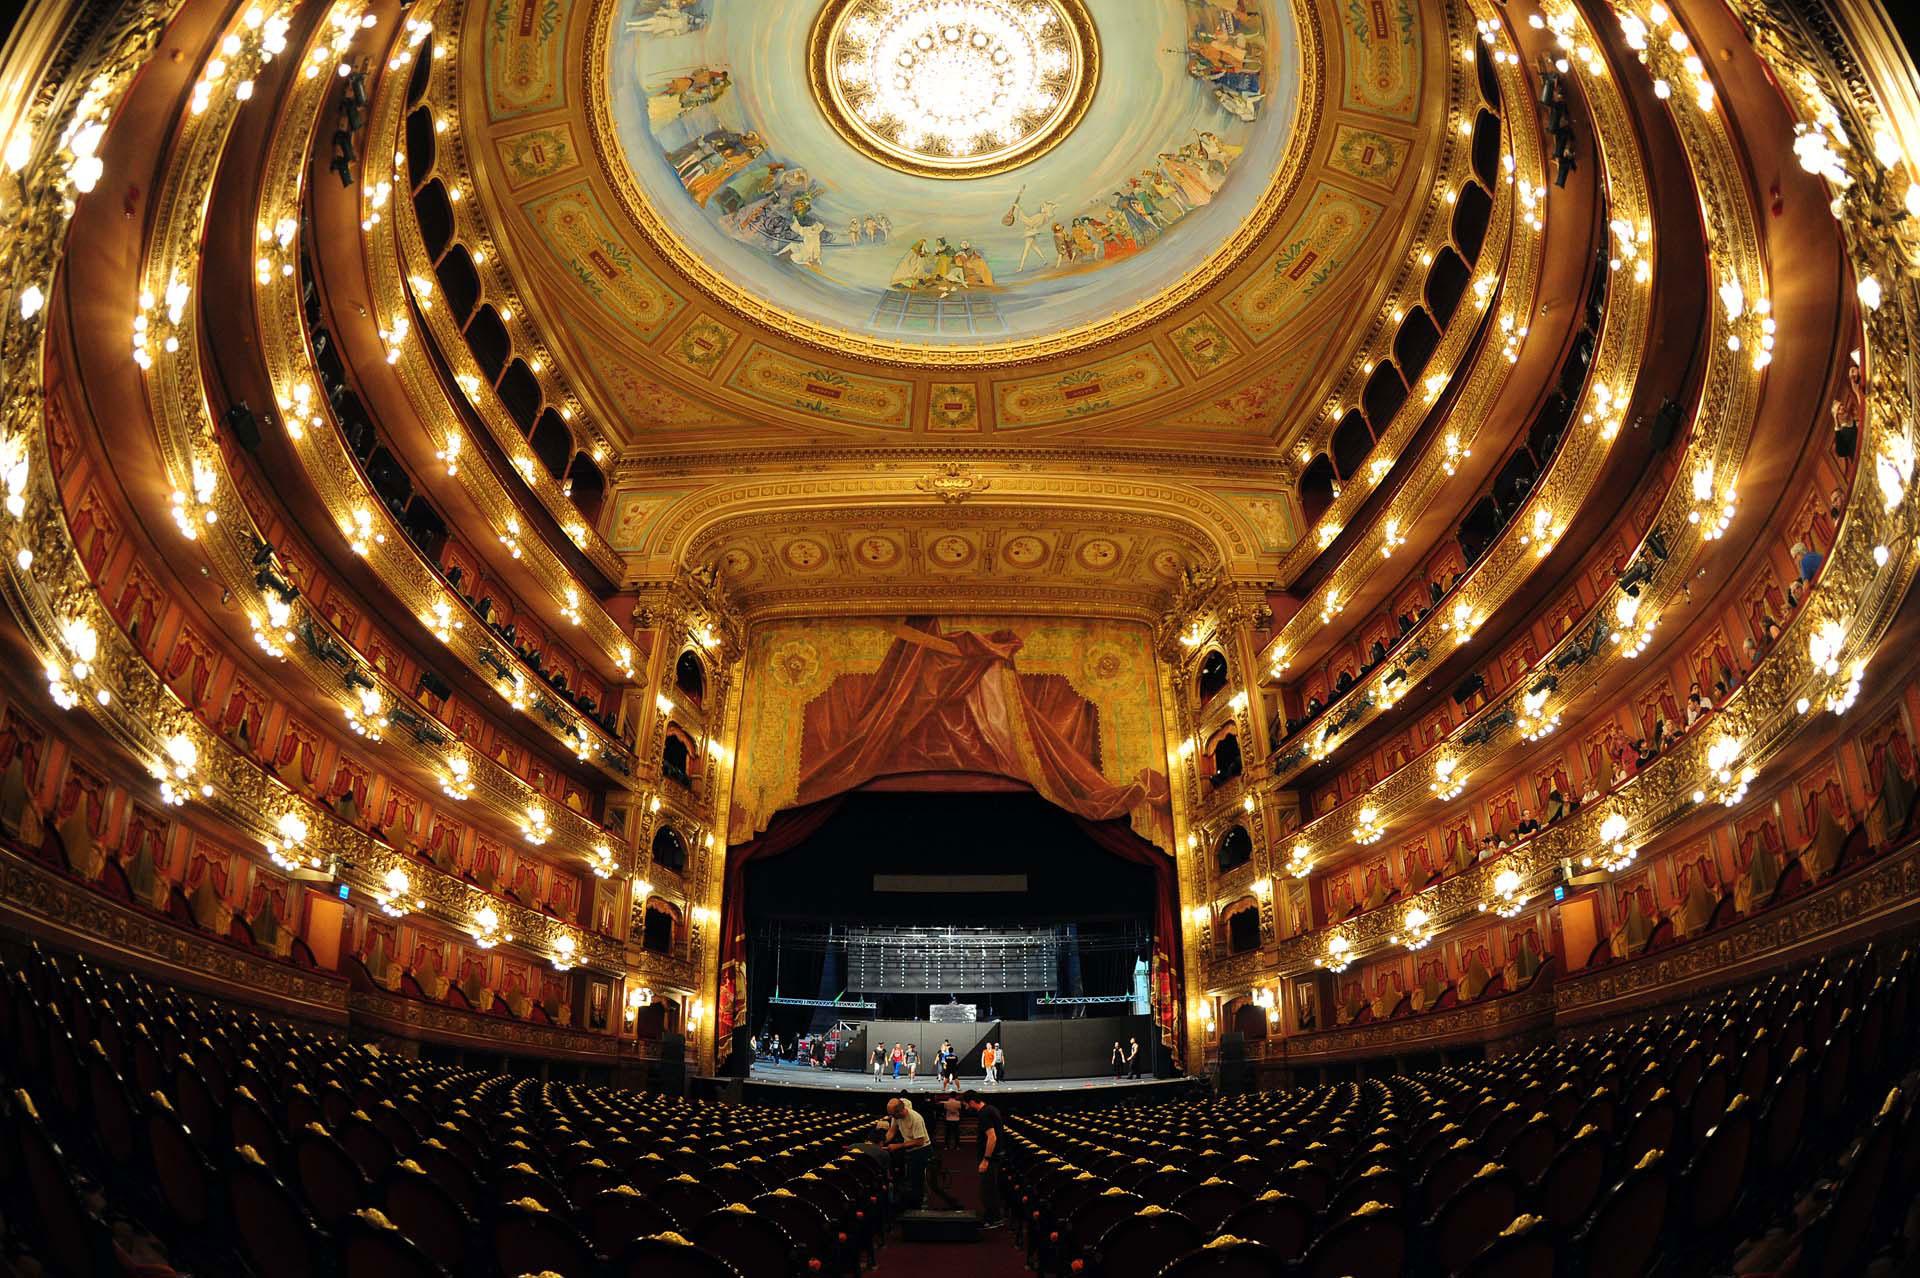 Una vista completa de la sala principal, en forma de herradura, bordeada por sus palcos